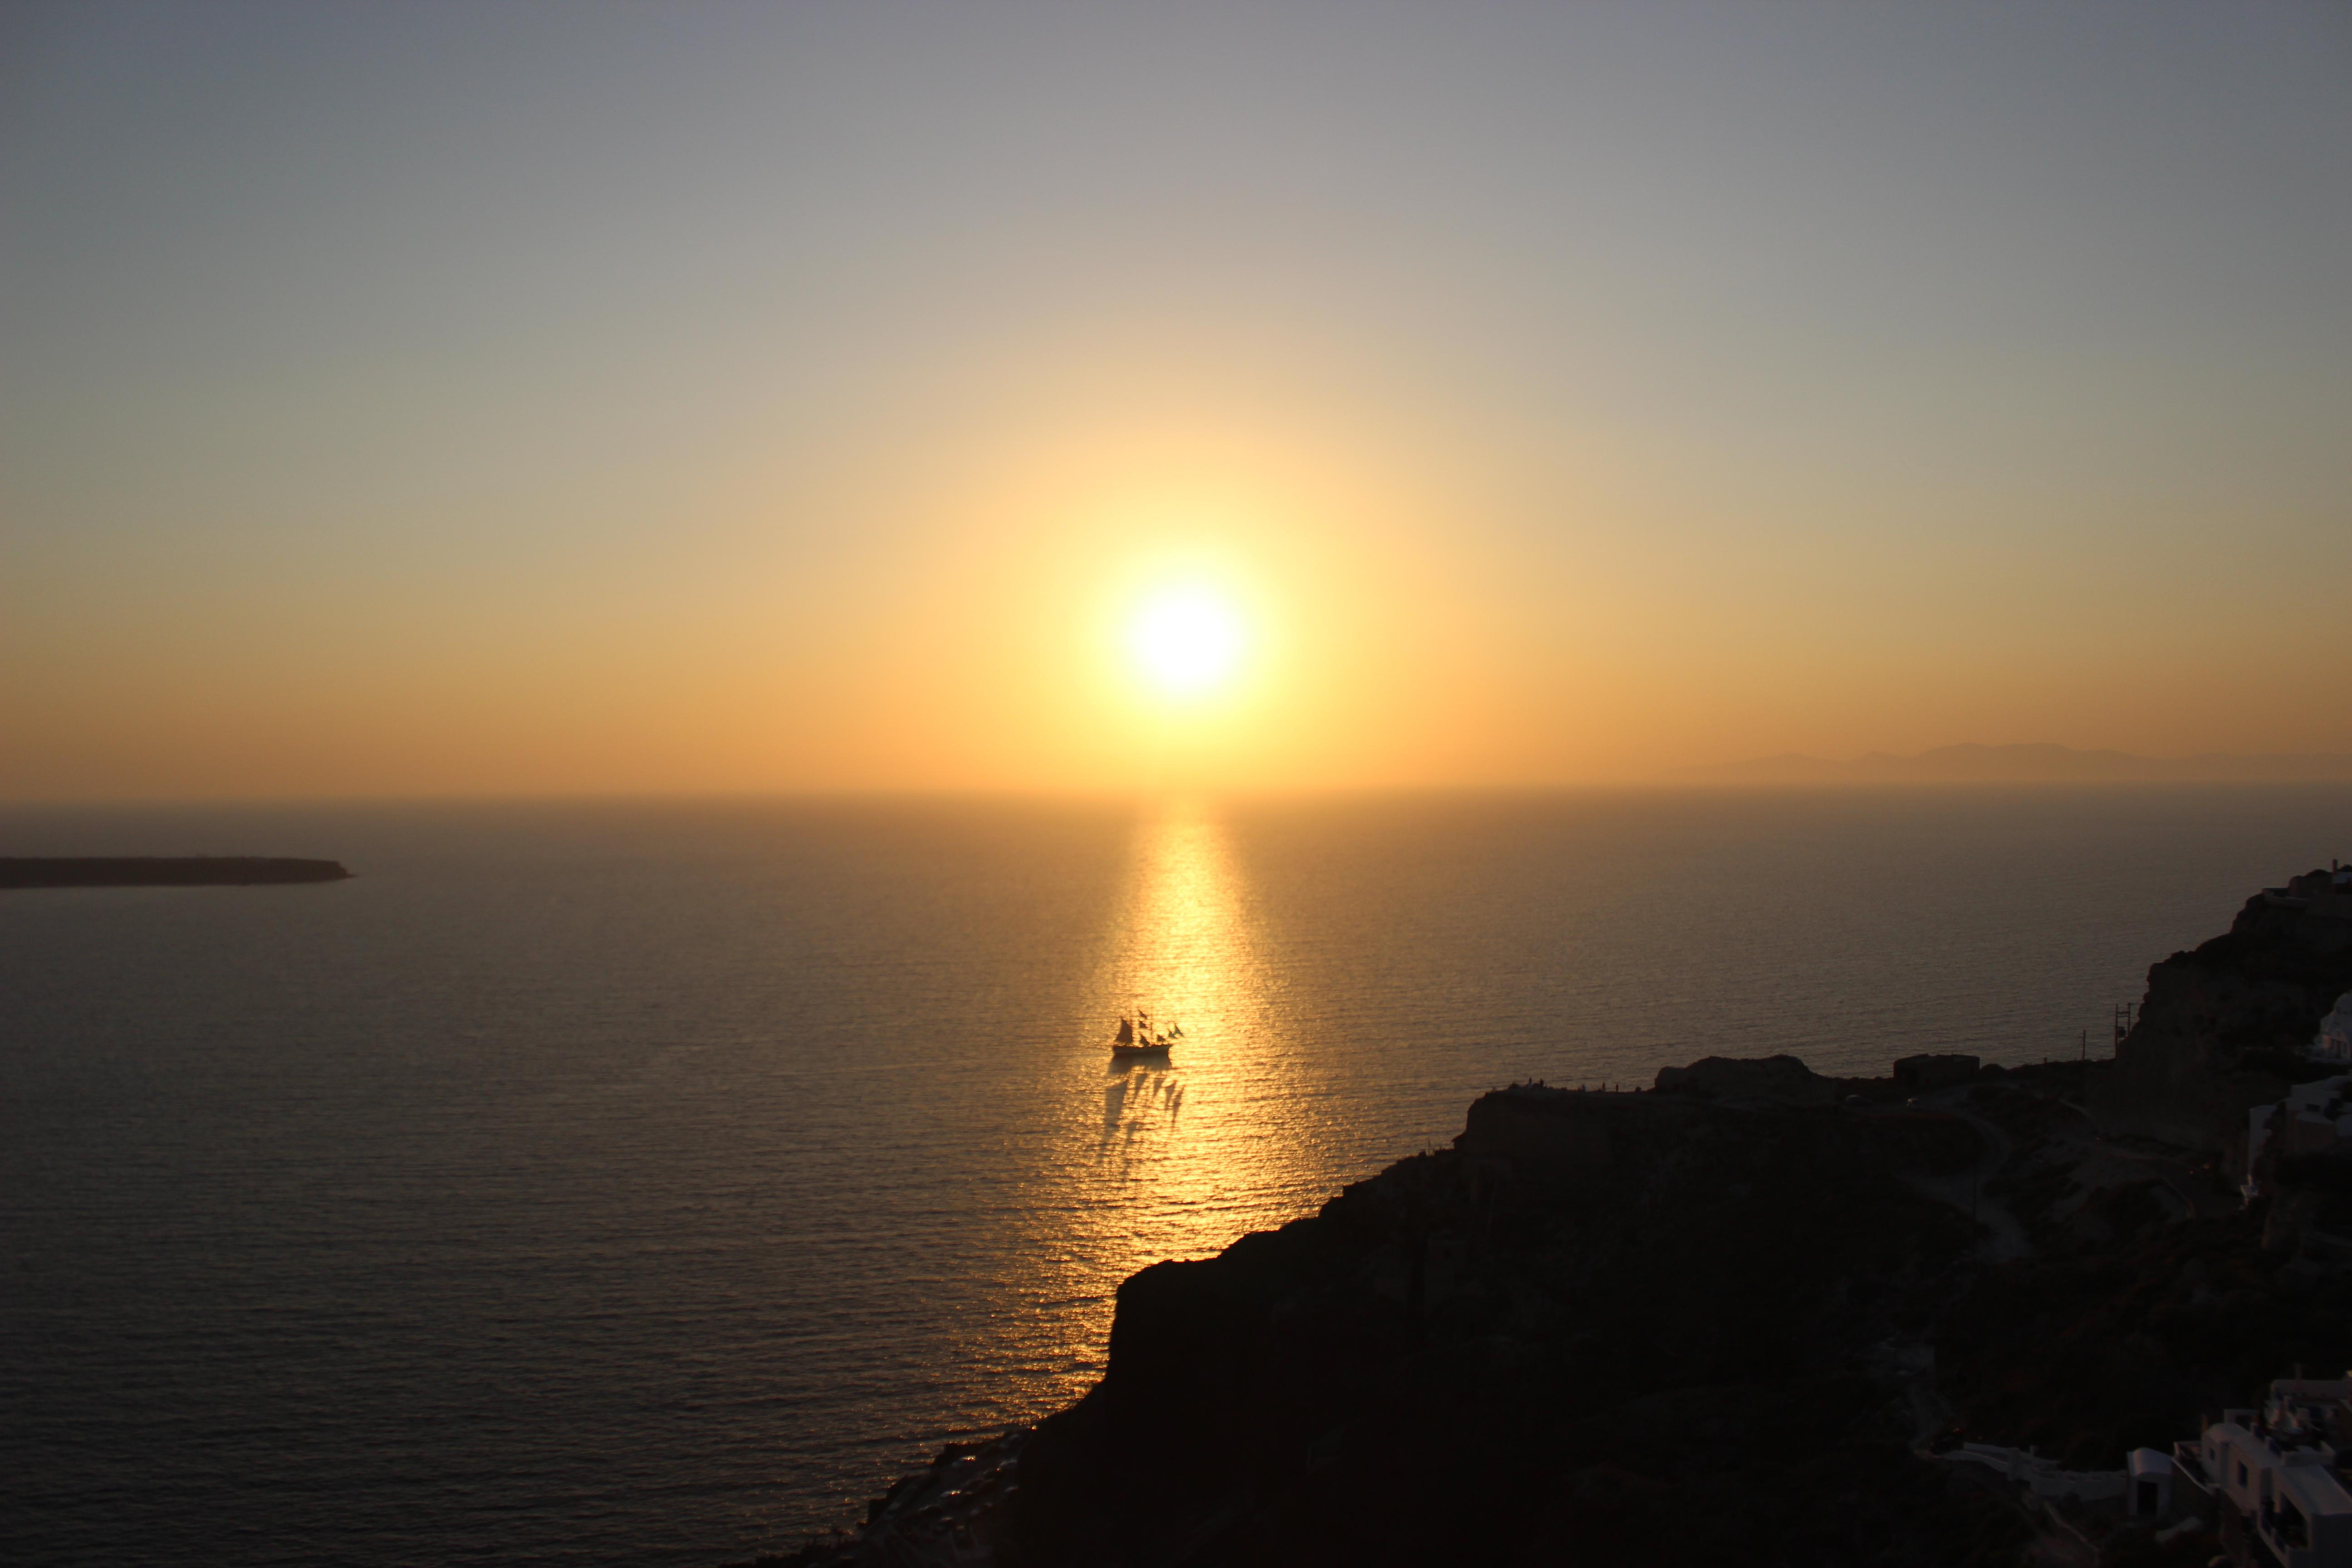 30. Sailing into the Sunset - Oia, Santorini